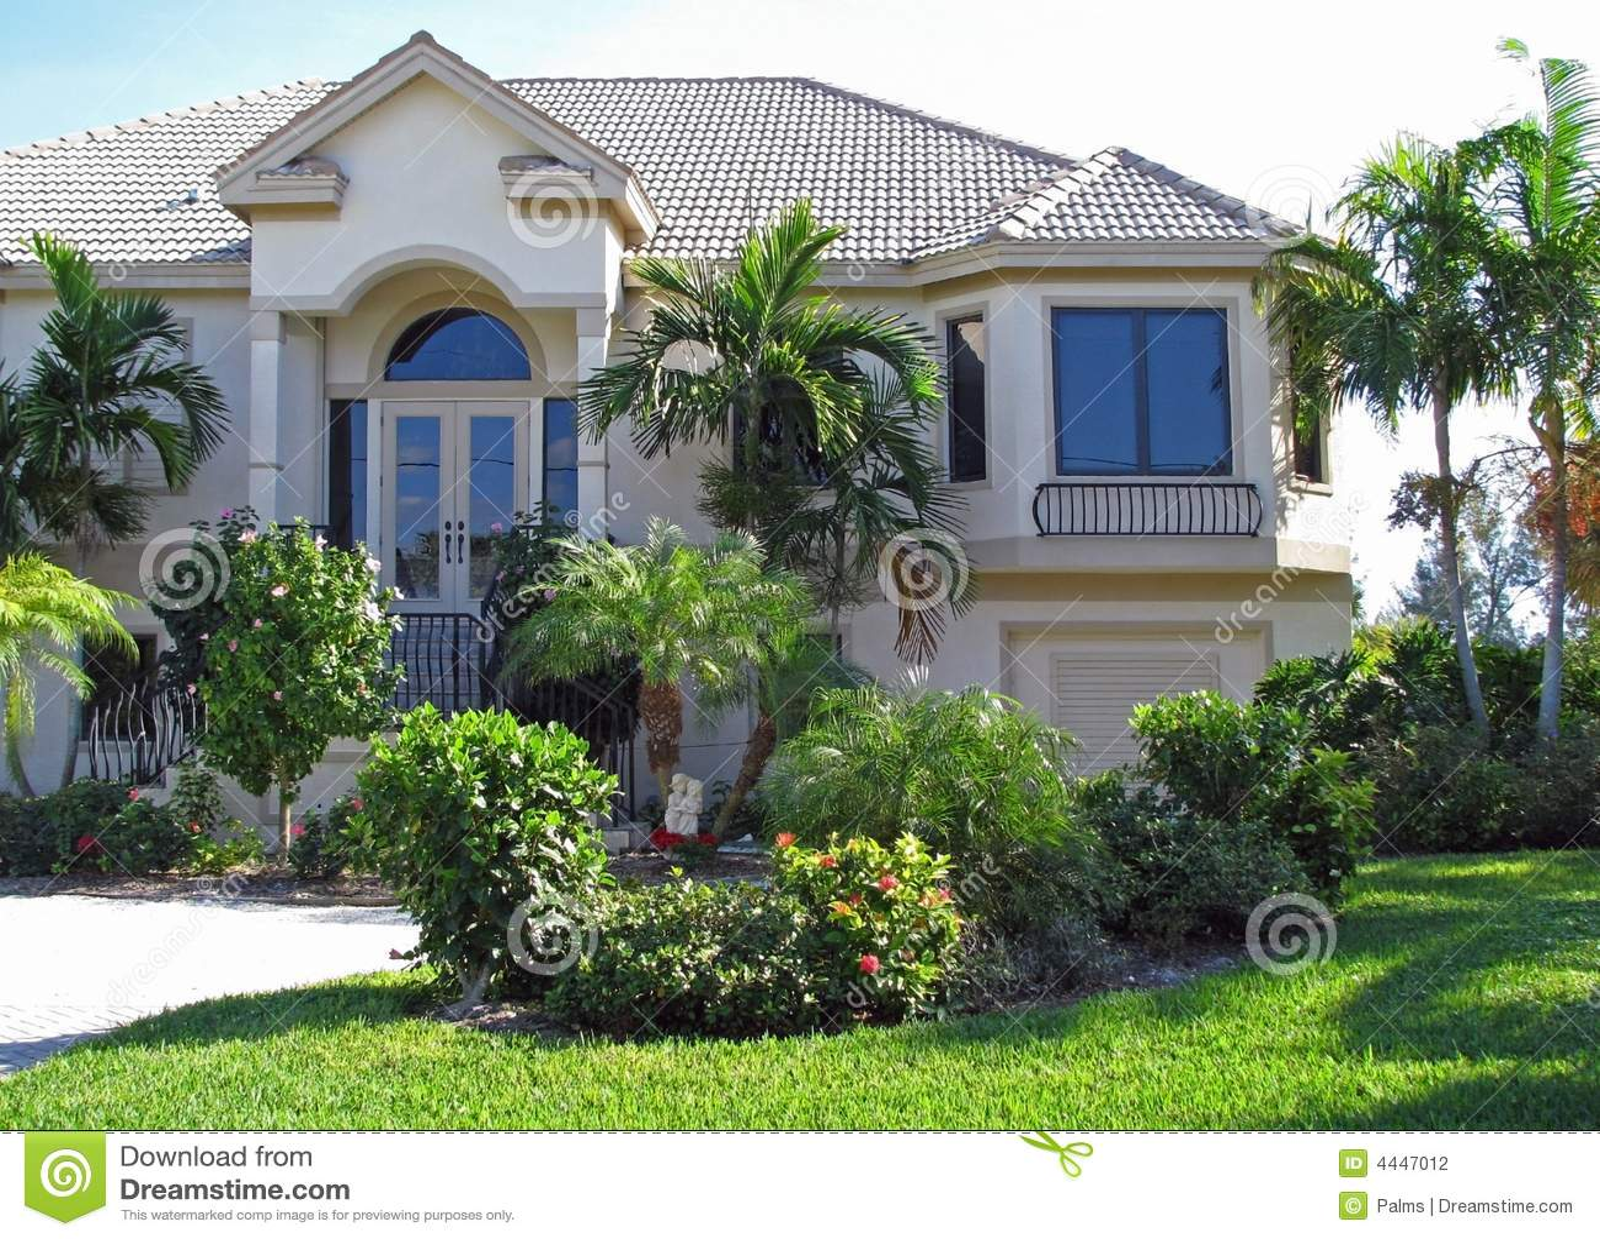 Maison Et Jardin Modernes Photographie stock - Image: 4447012